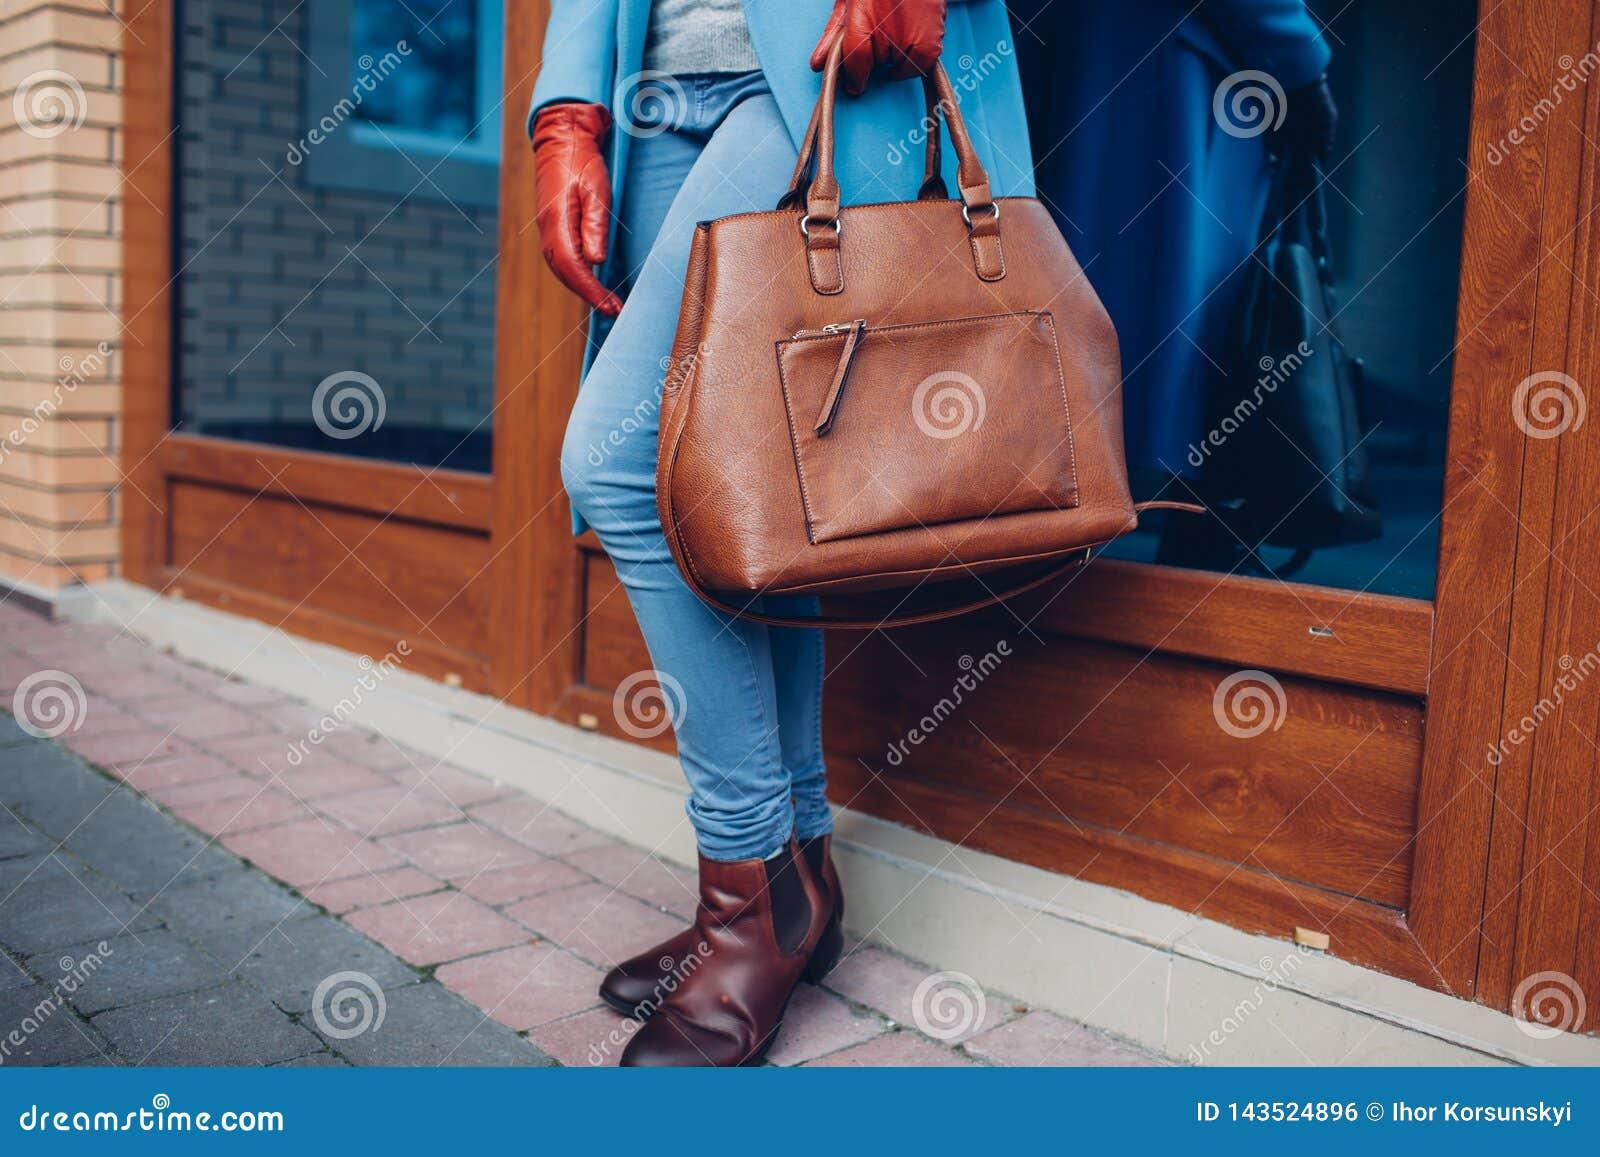 Beleza e fôrma Revestimento vestindo à moda e luvas da mulher elegante, guardando a bolsa marrom do saco